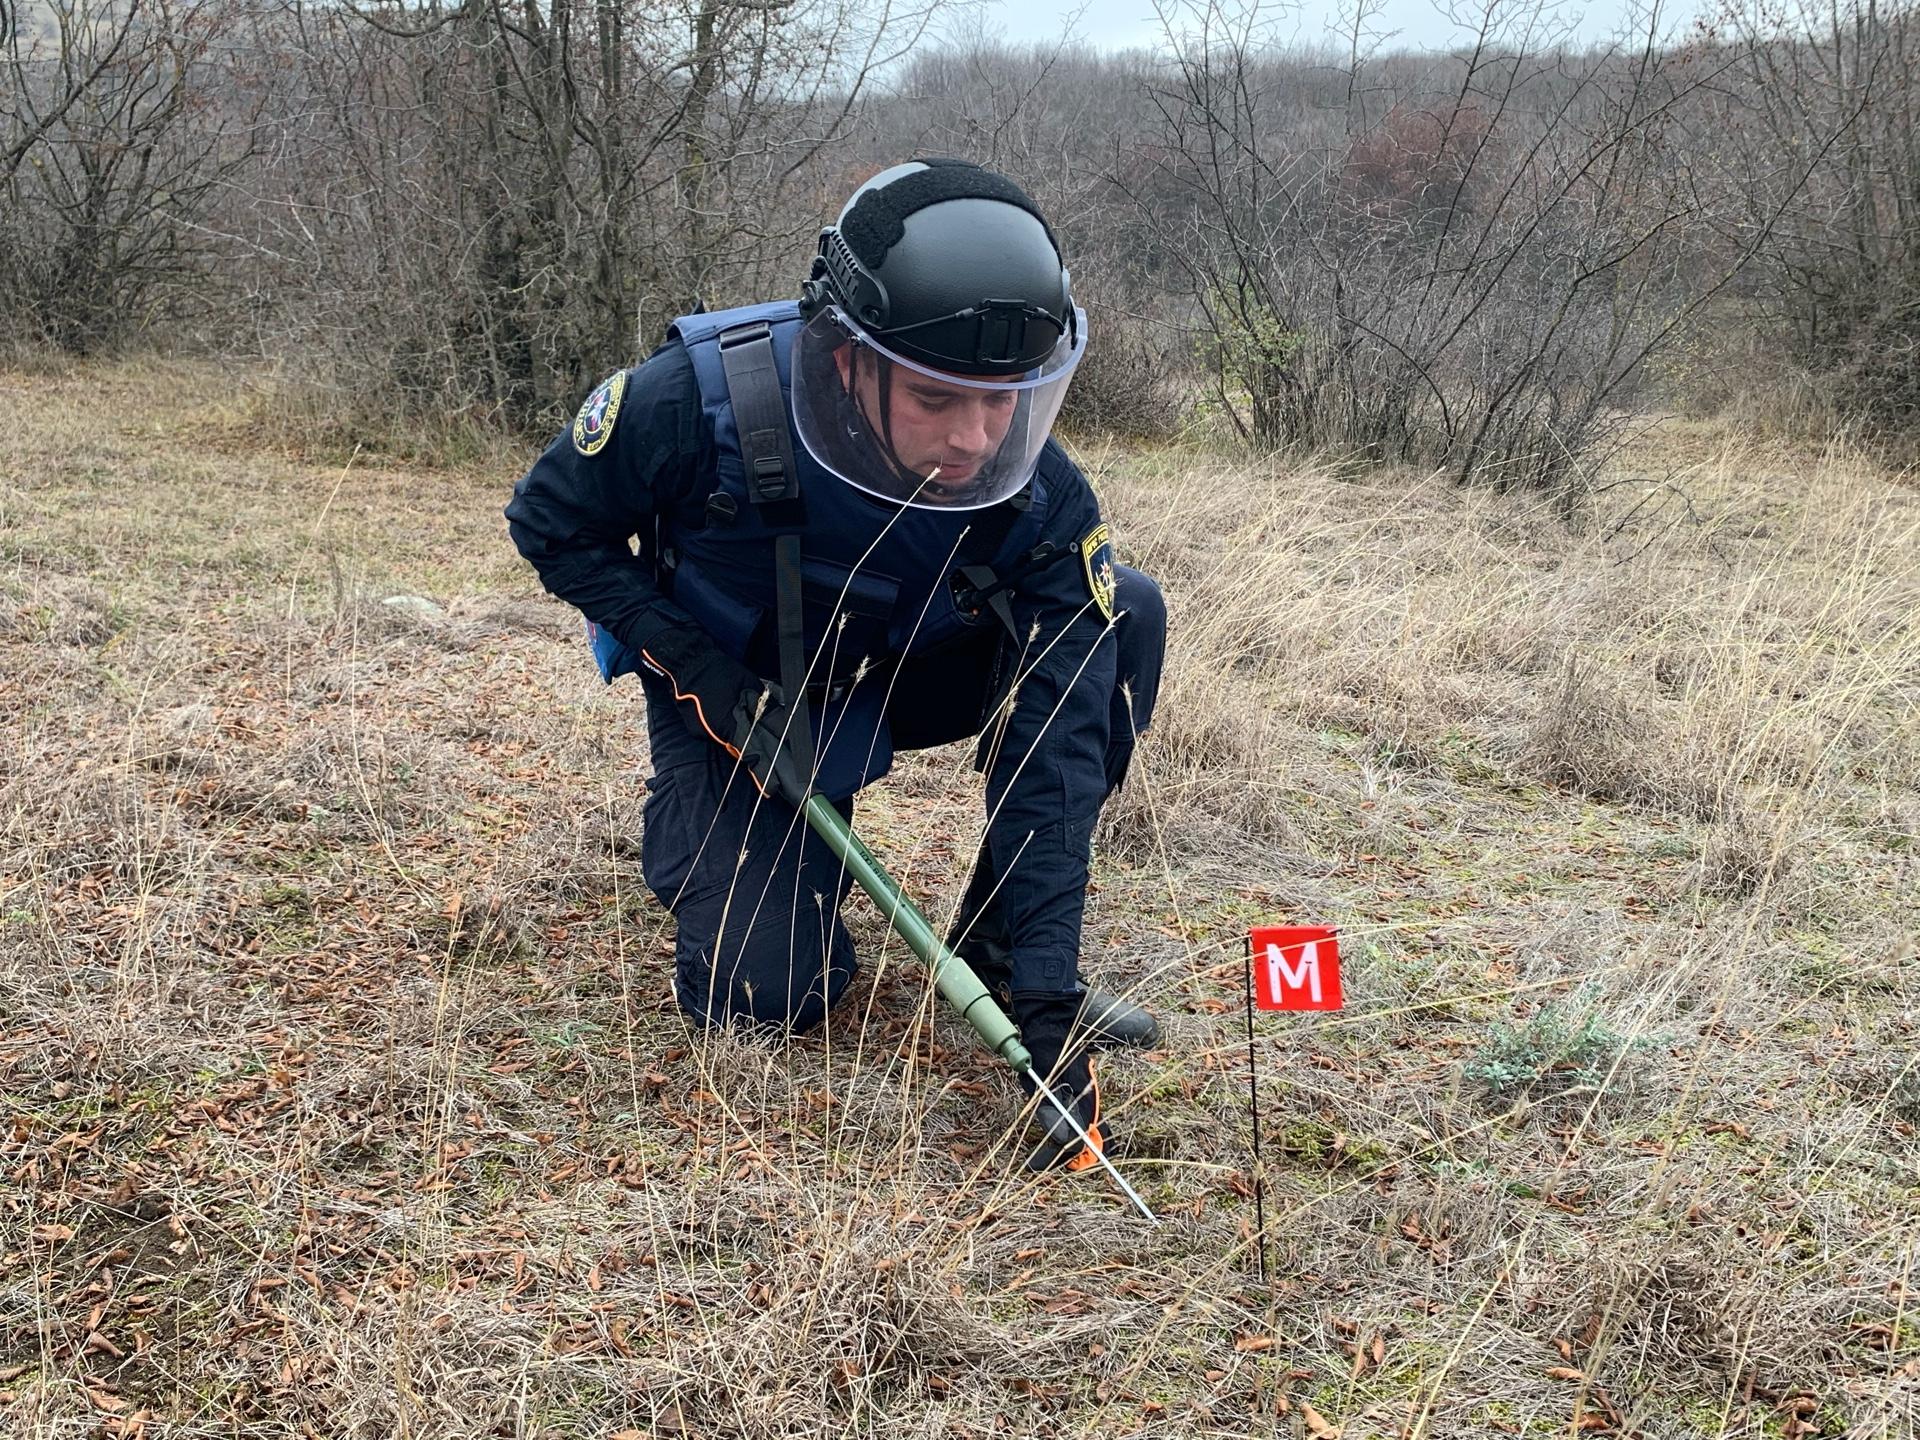 Омбудсмен Карабаха: Азербайджан сообщил  армянской стороне тело пожилого гражданина